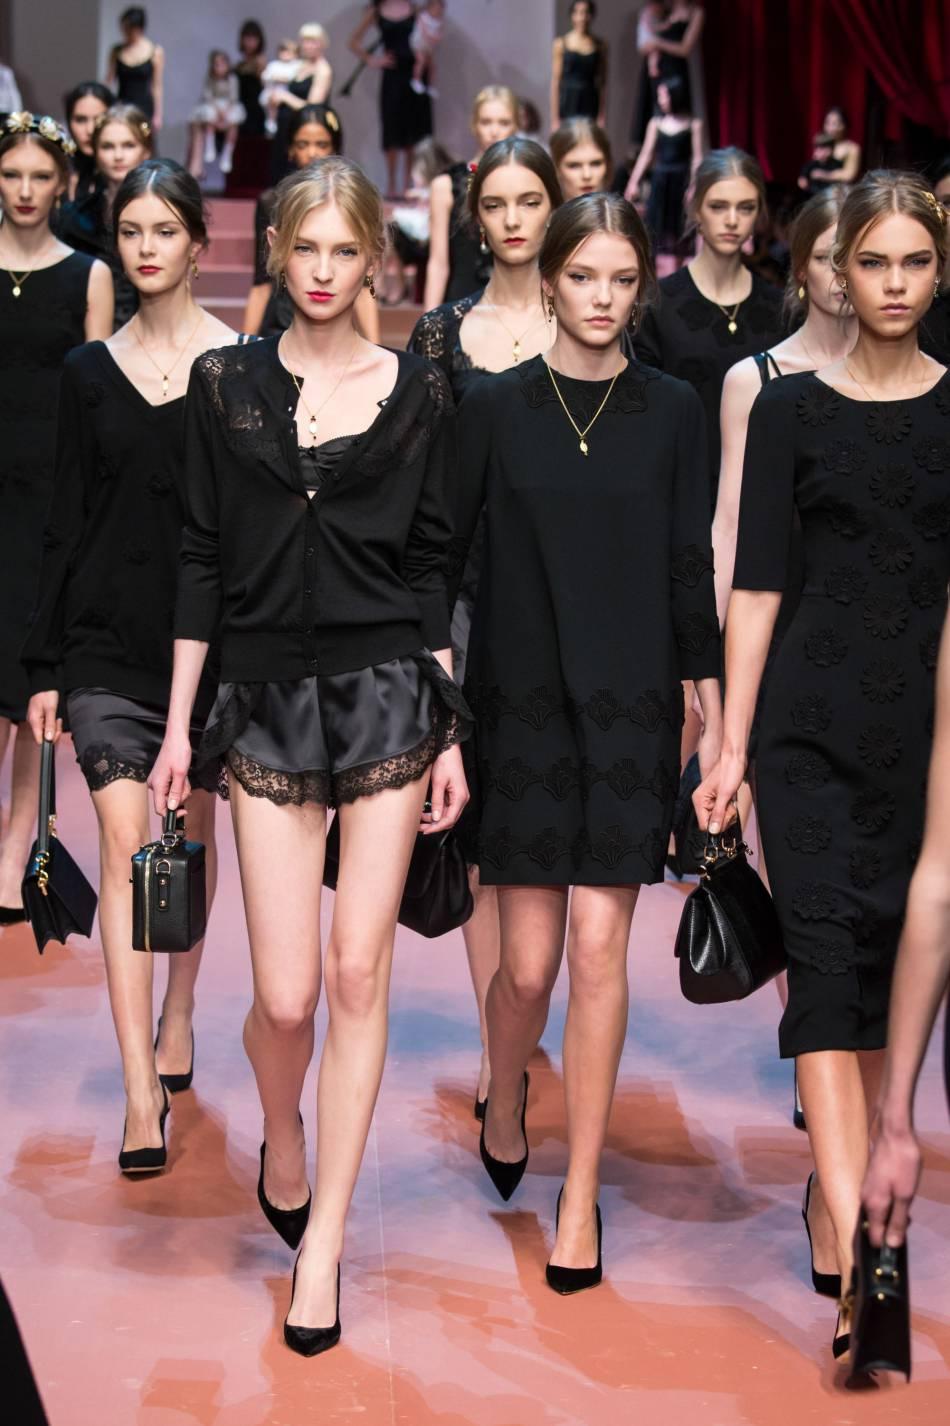 Défilé Automne-Hiver 2015/2016 Dolce & Gabbana.